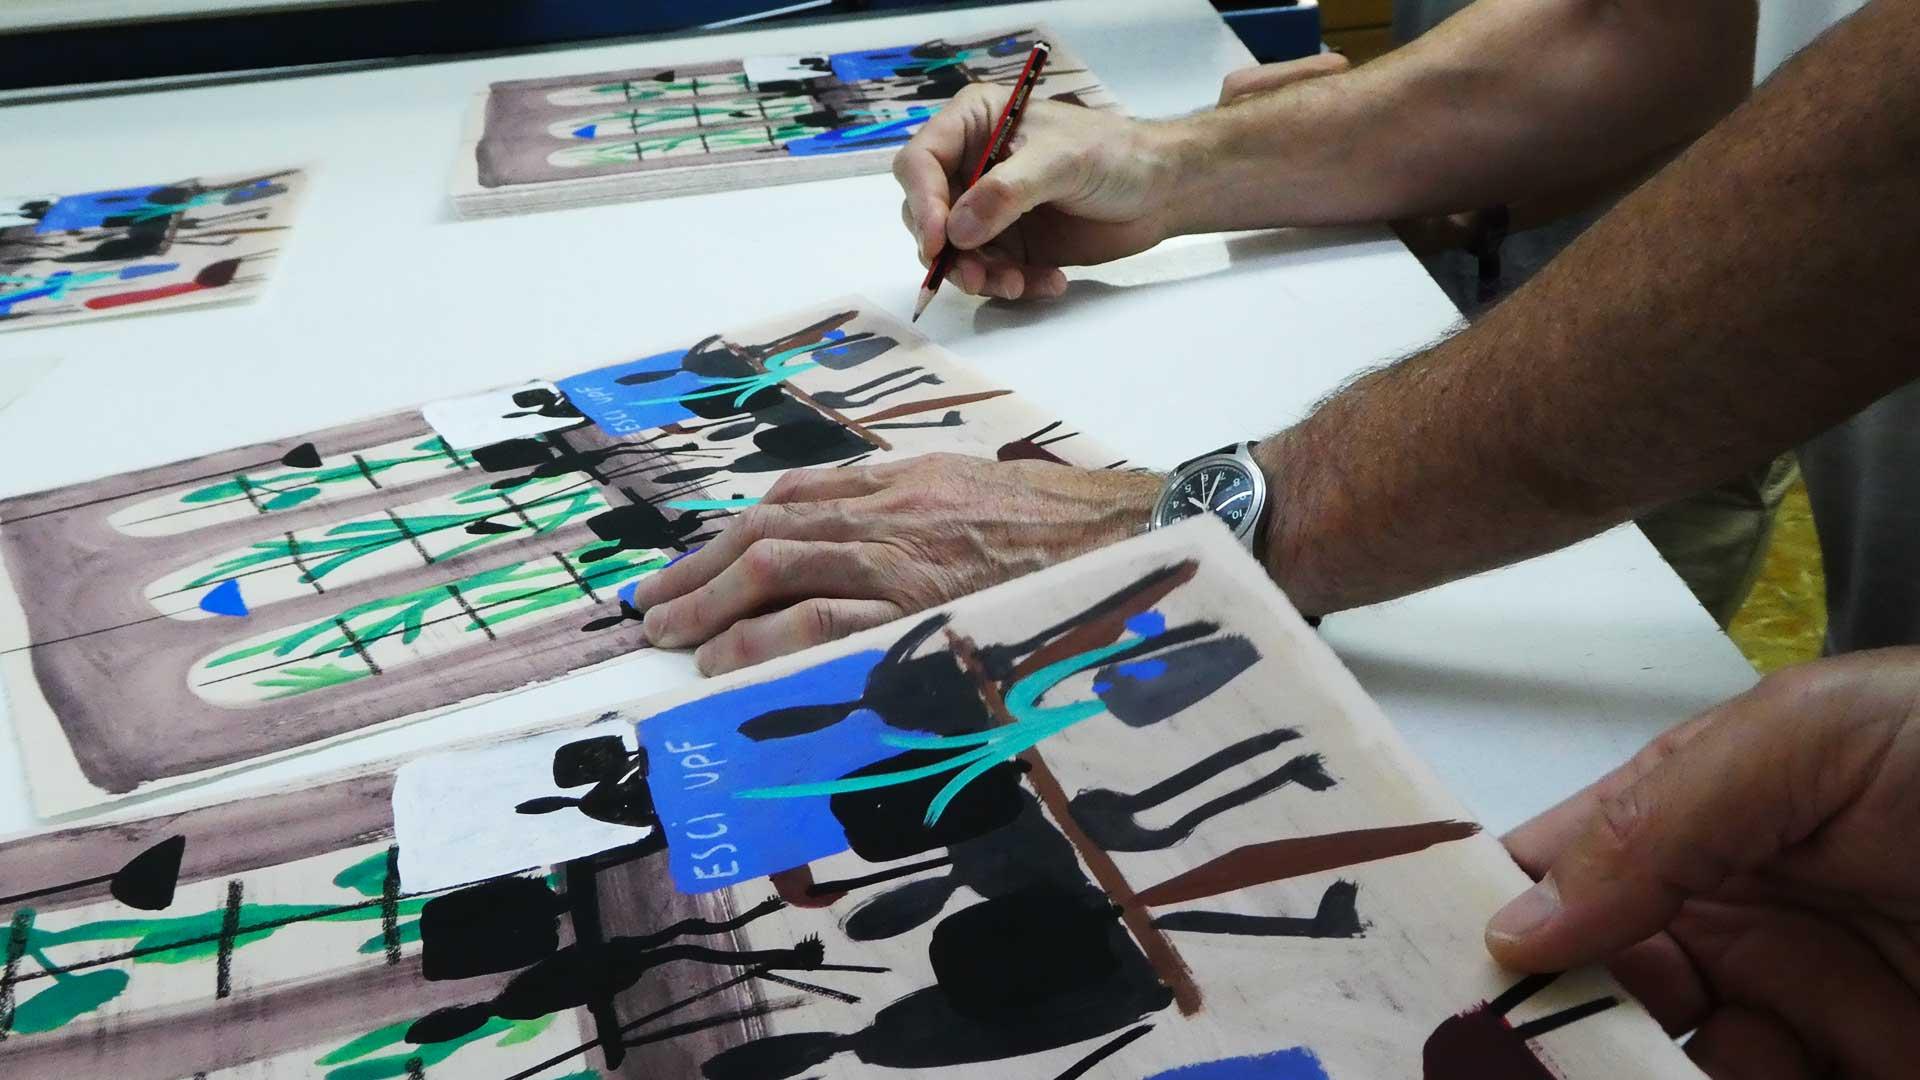 Obra Ramon Enrich per graduació 2019